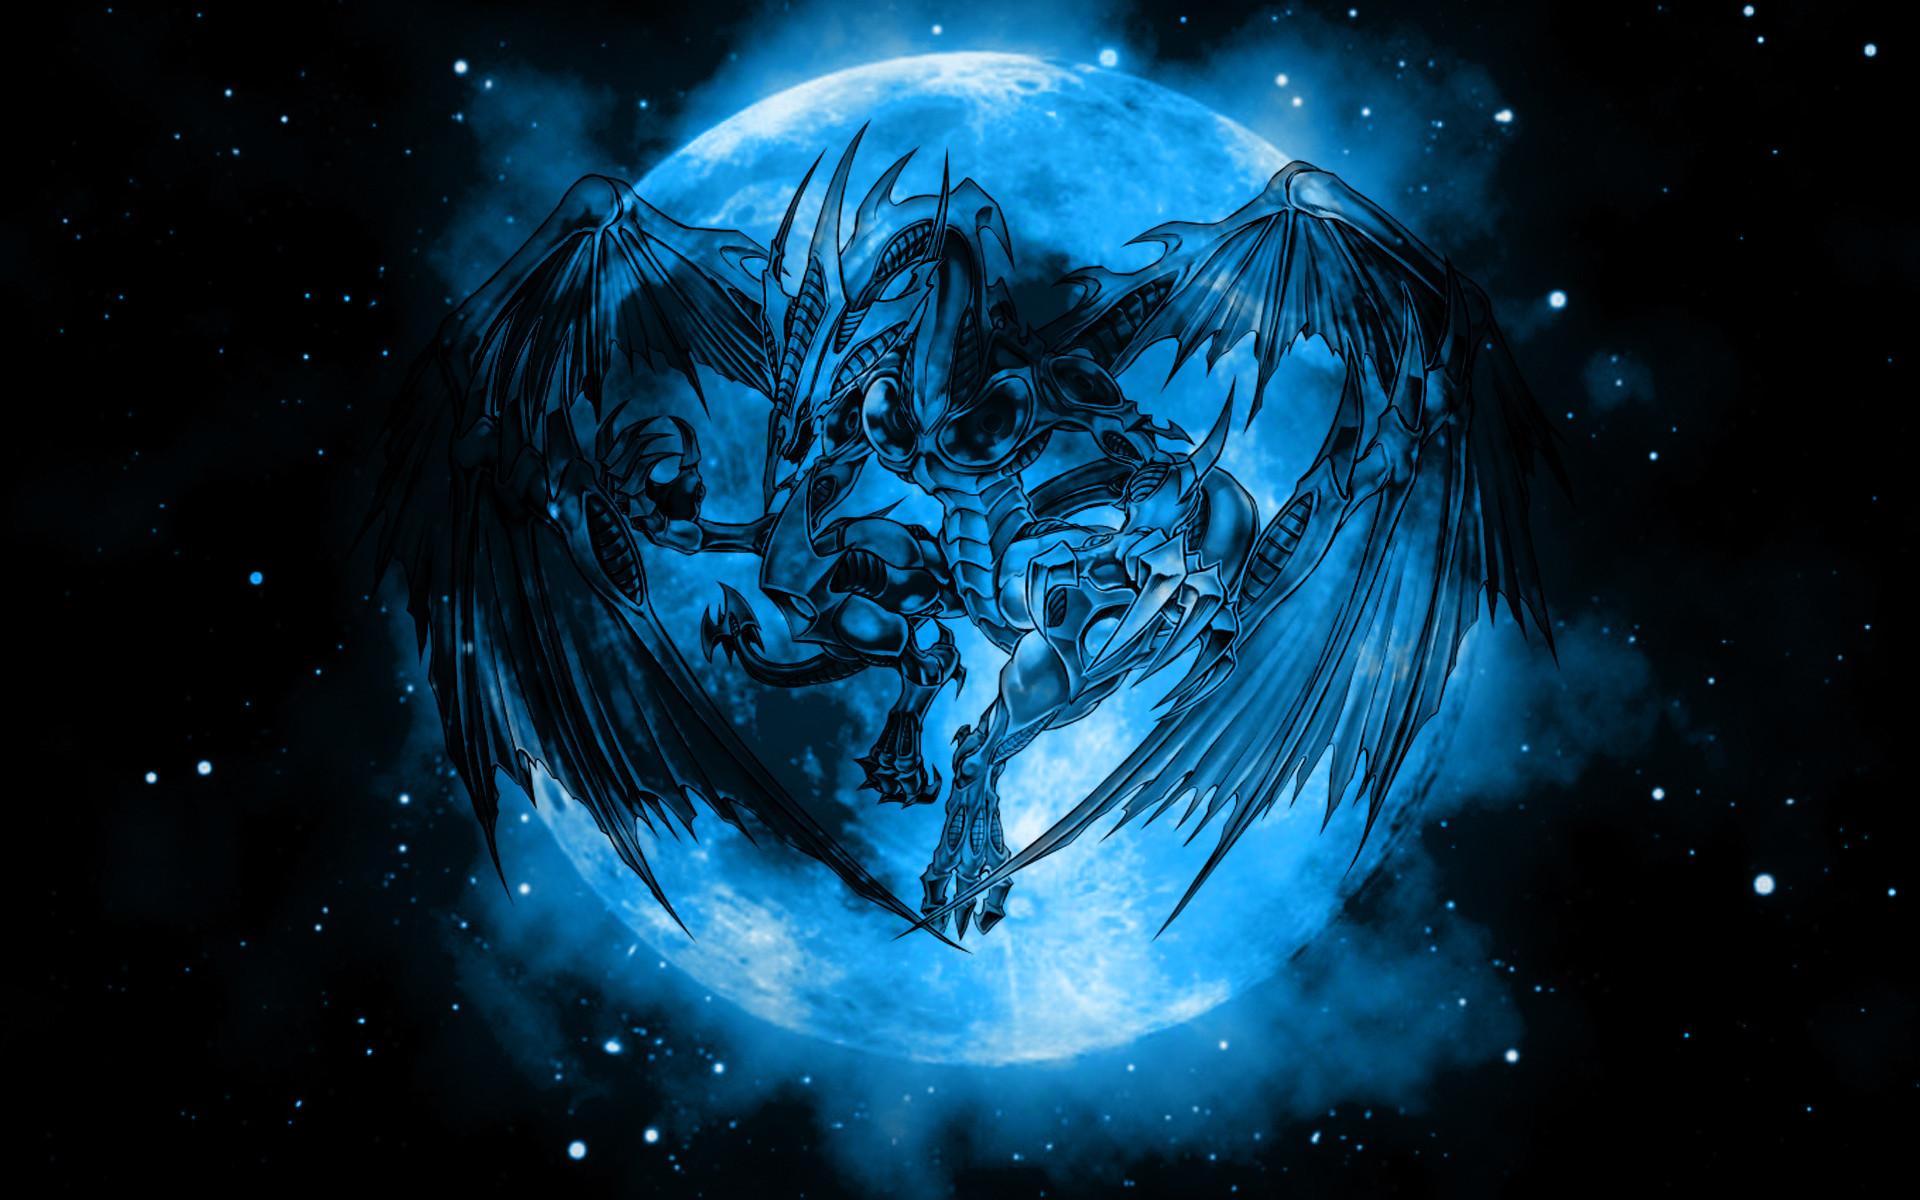 wallpapers dragones hd – Taringa!